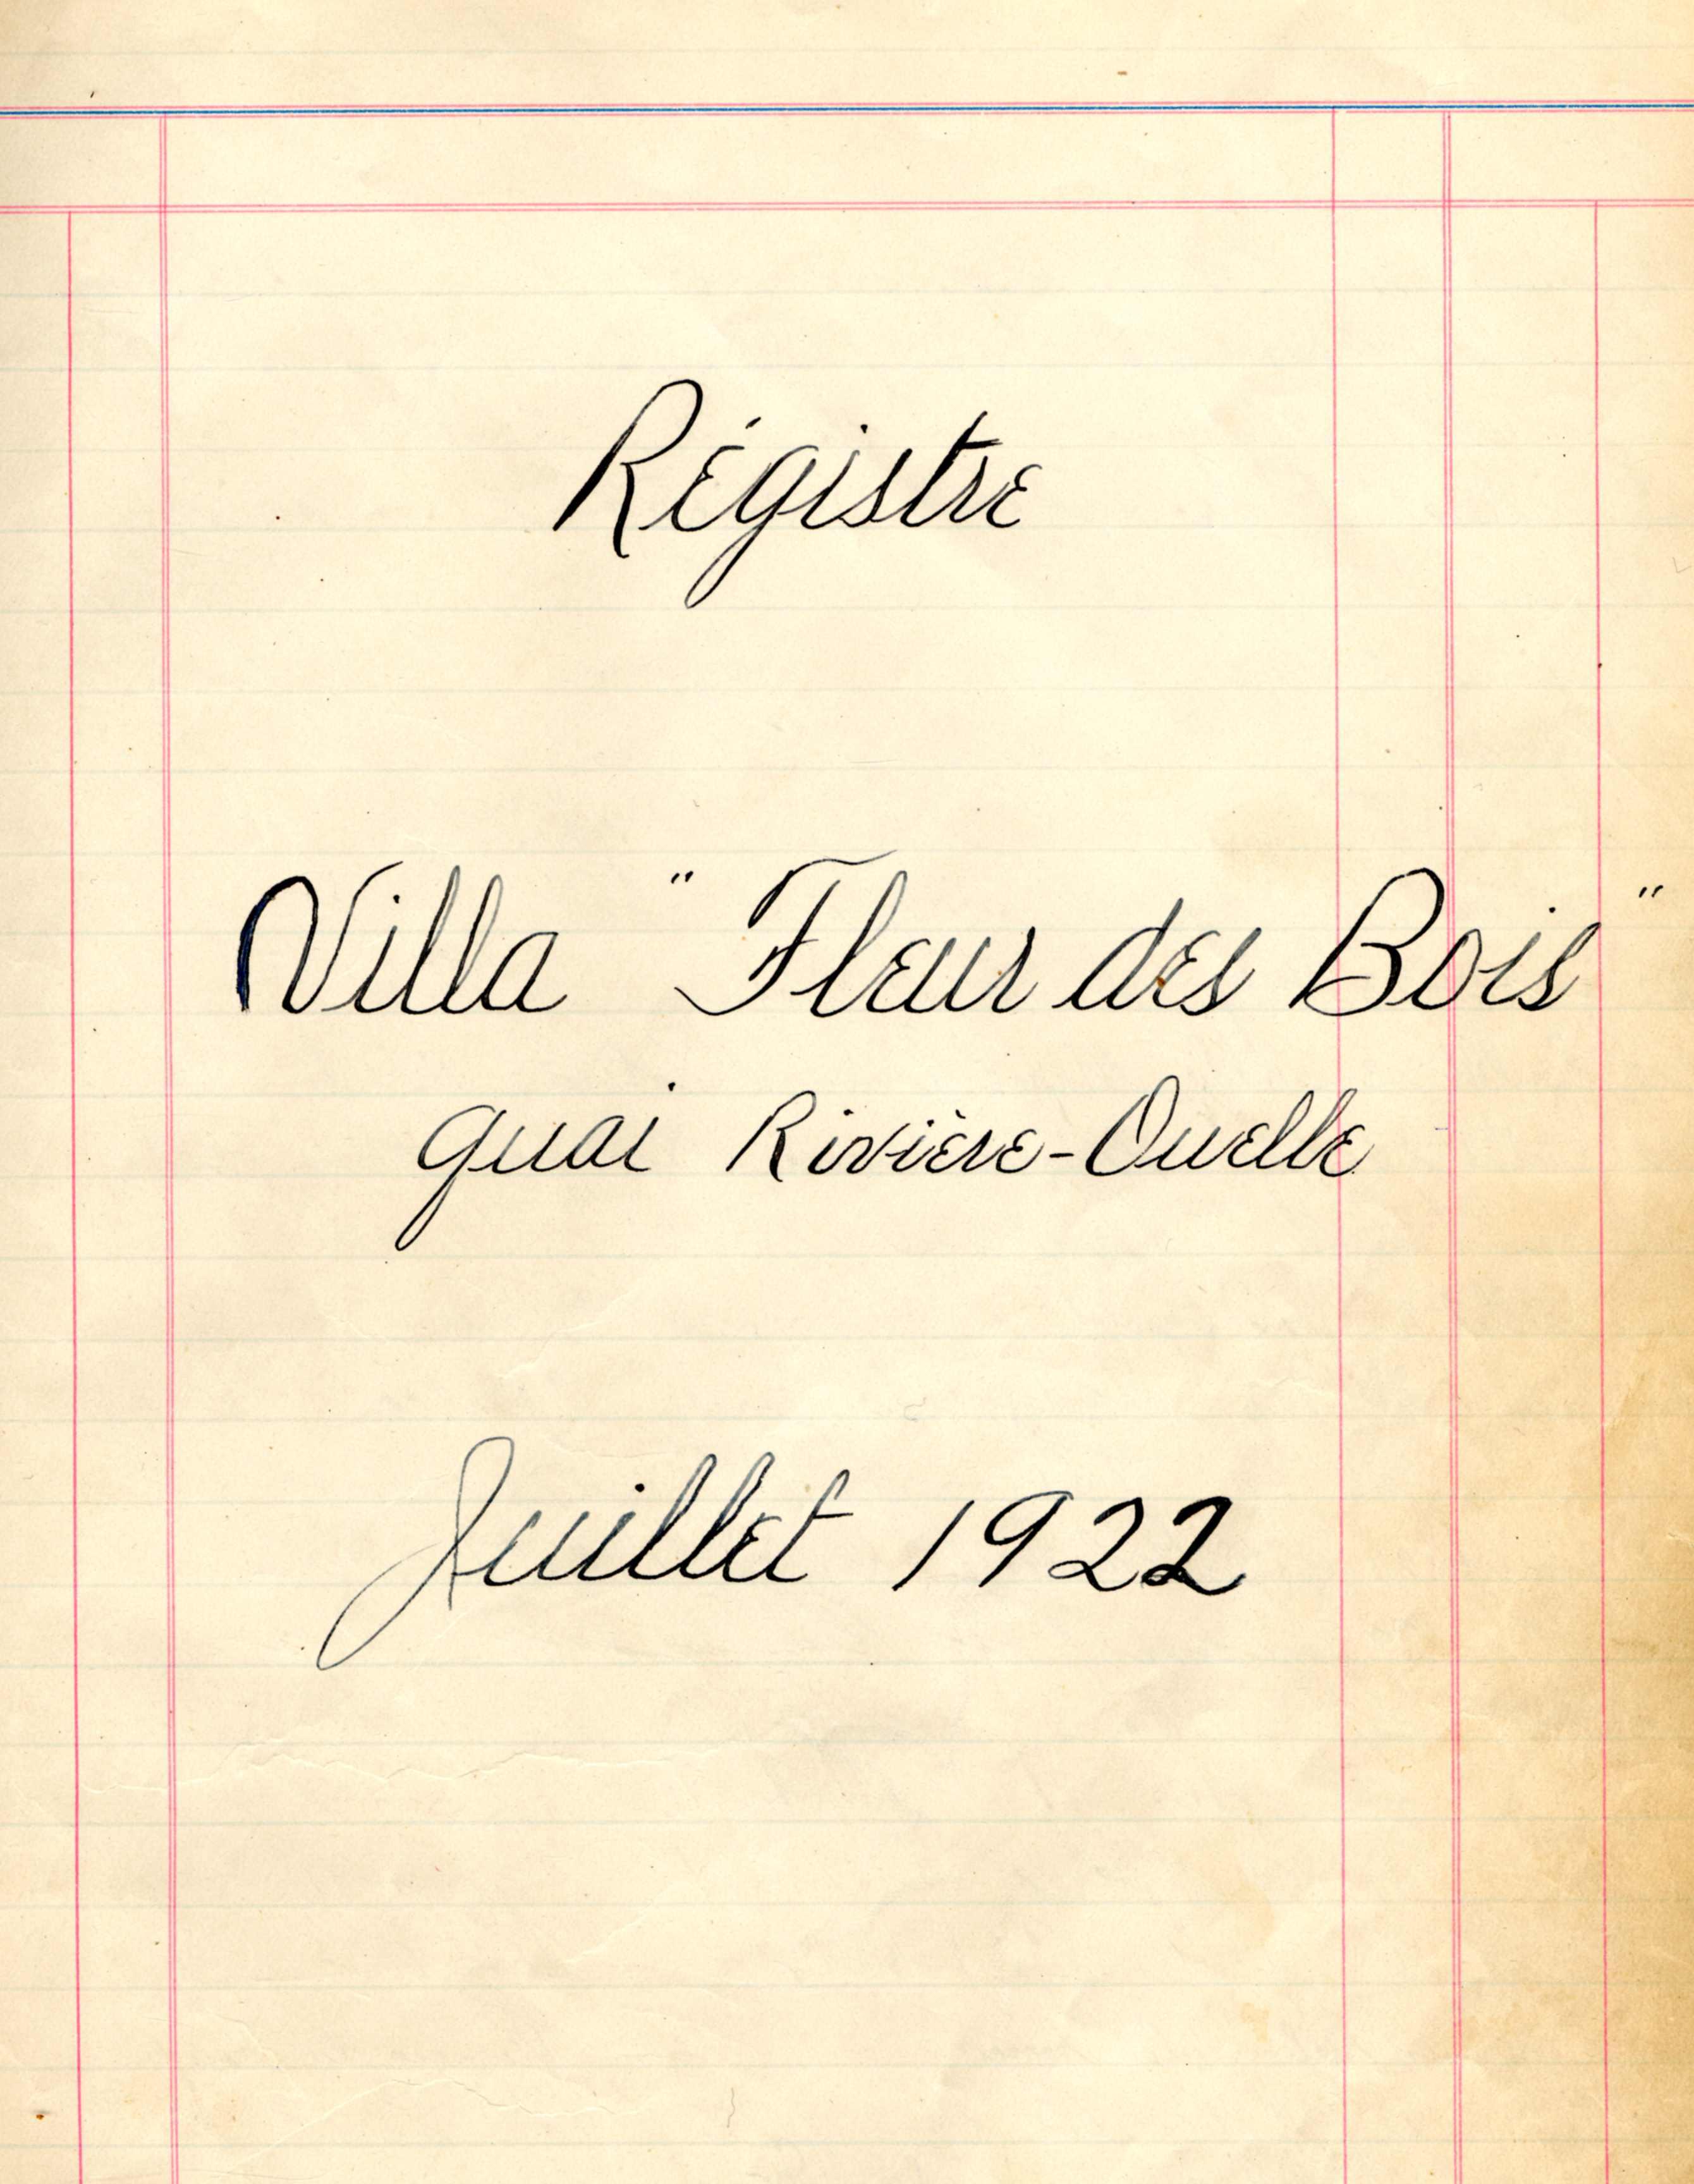 Registre écrit à la plume sur une feuille lignée jaunie par le temps.